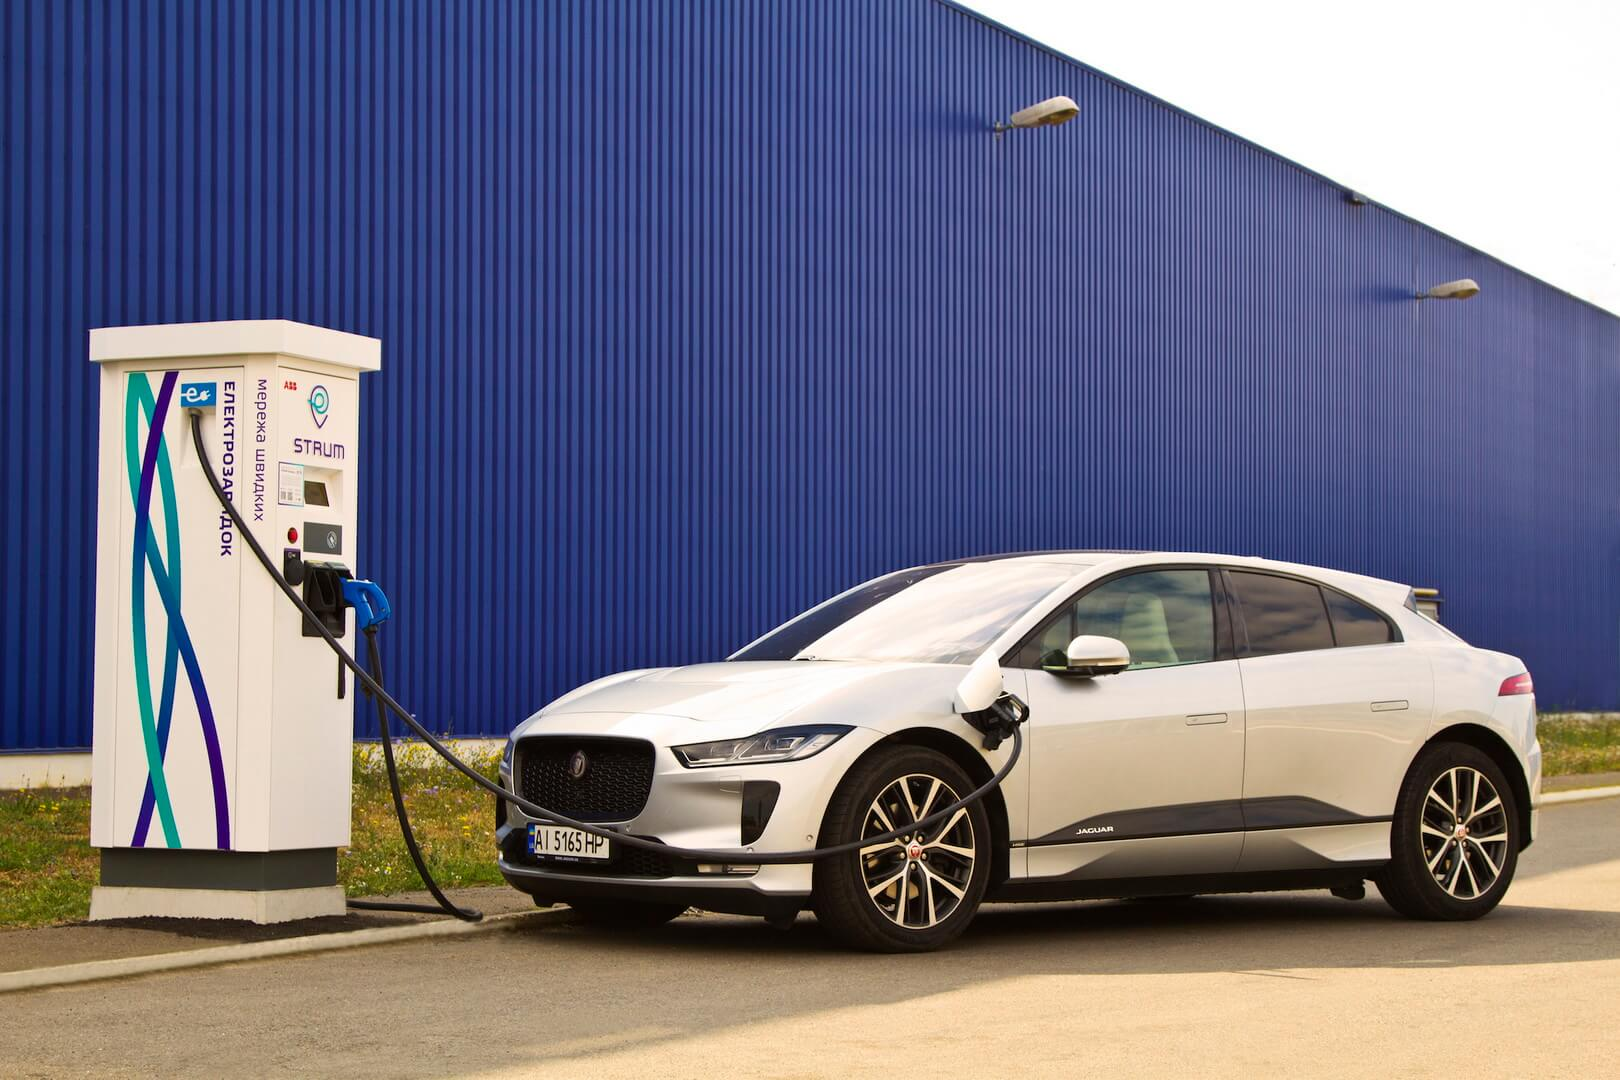 Электромобиль Jaguar I-PACE на зарядной станции STRUM